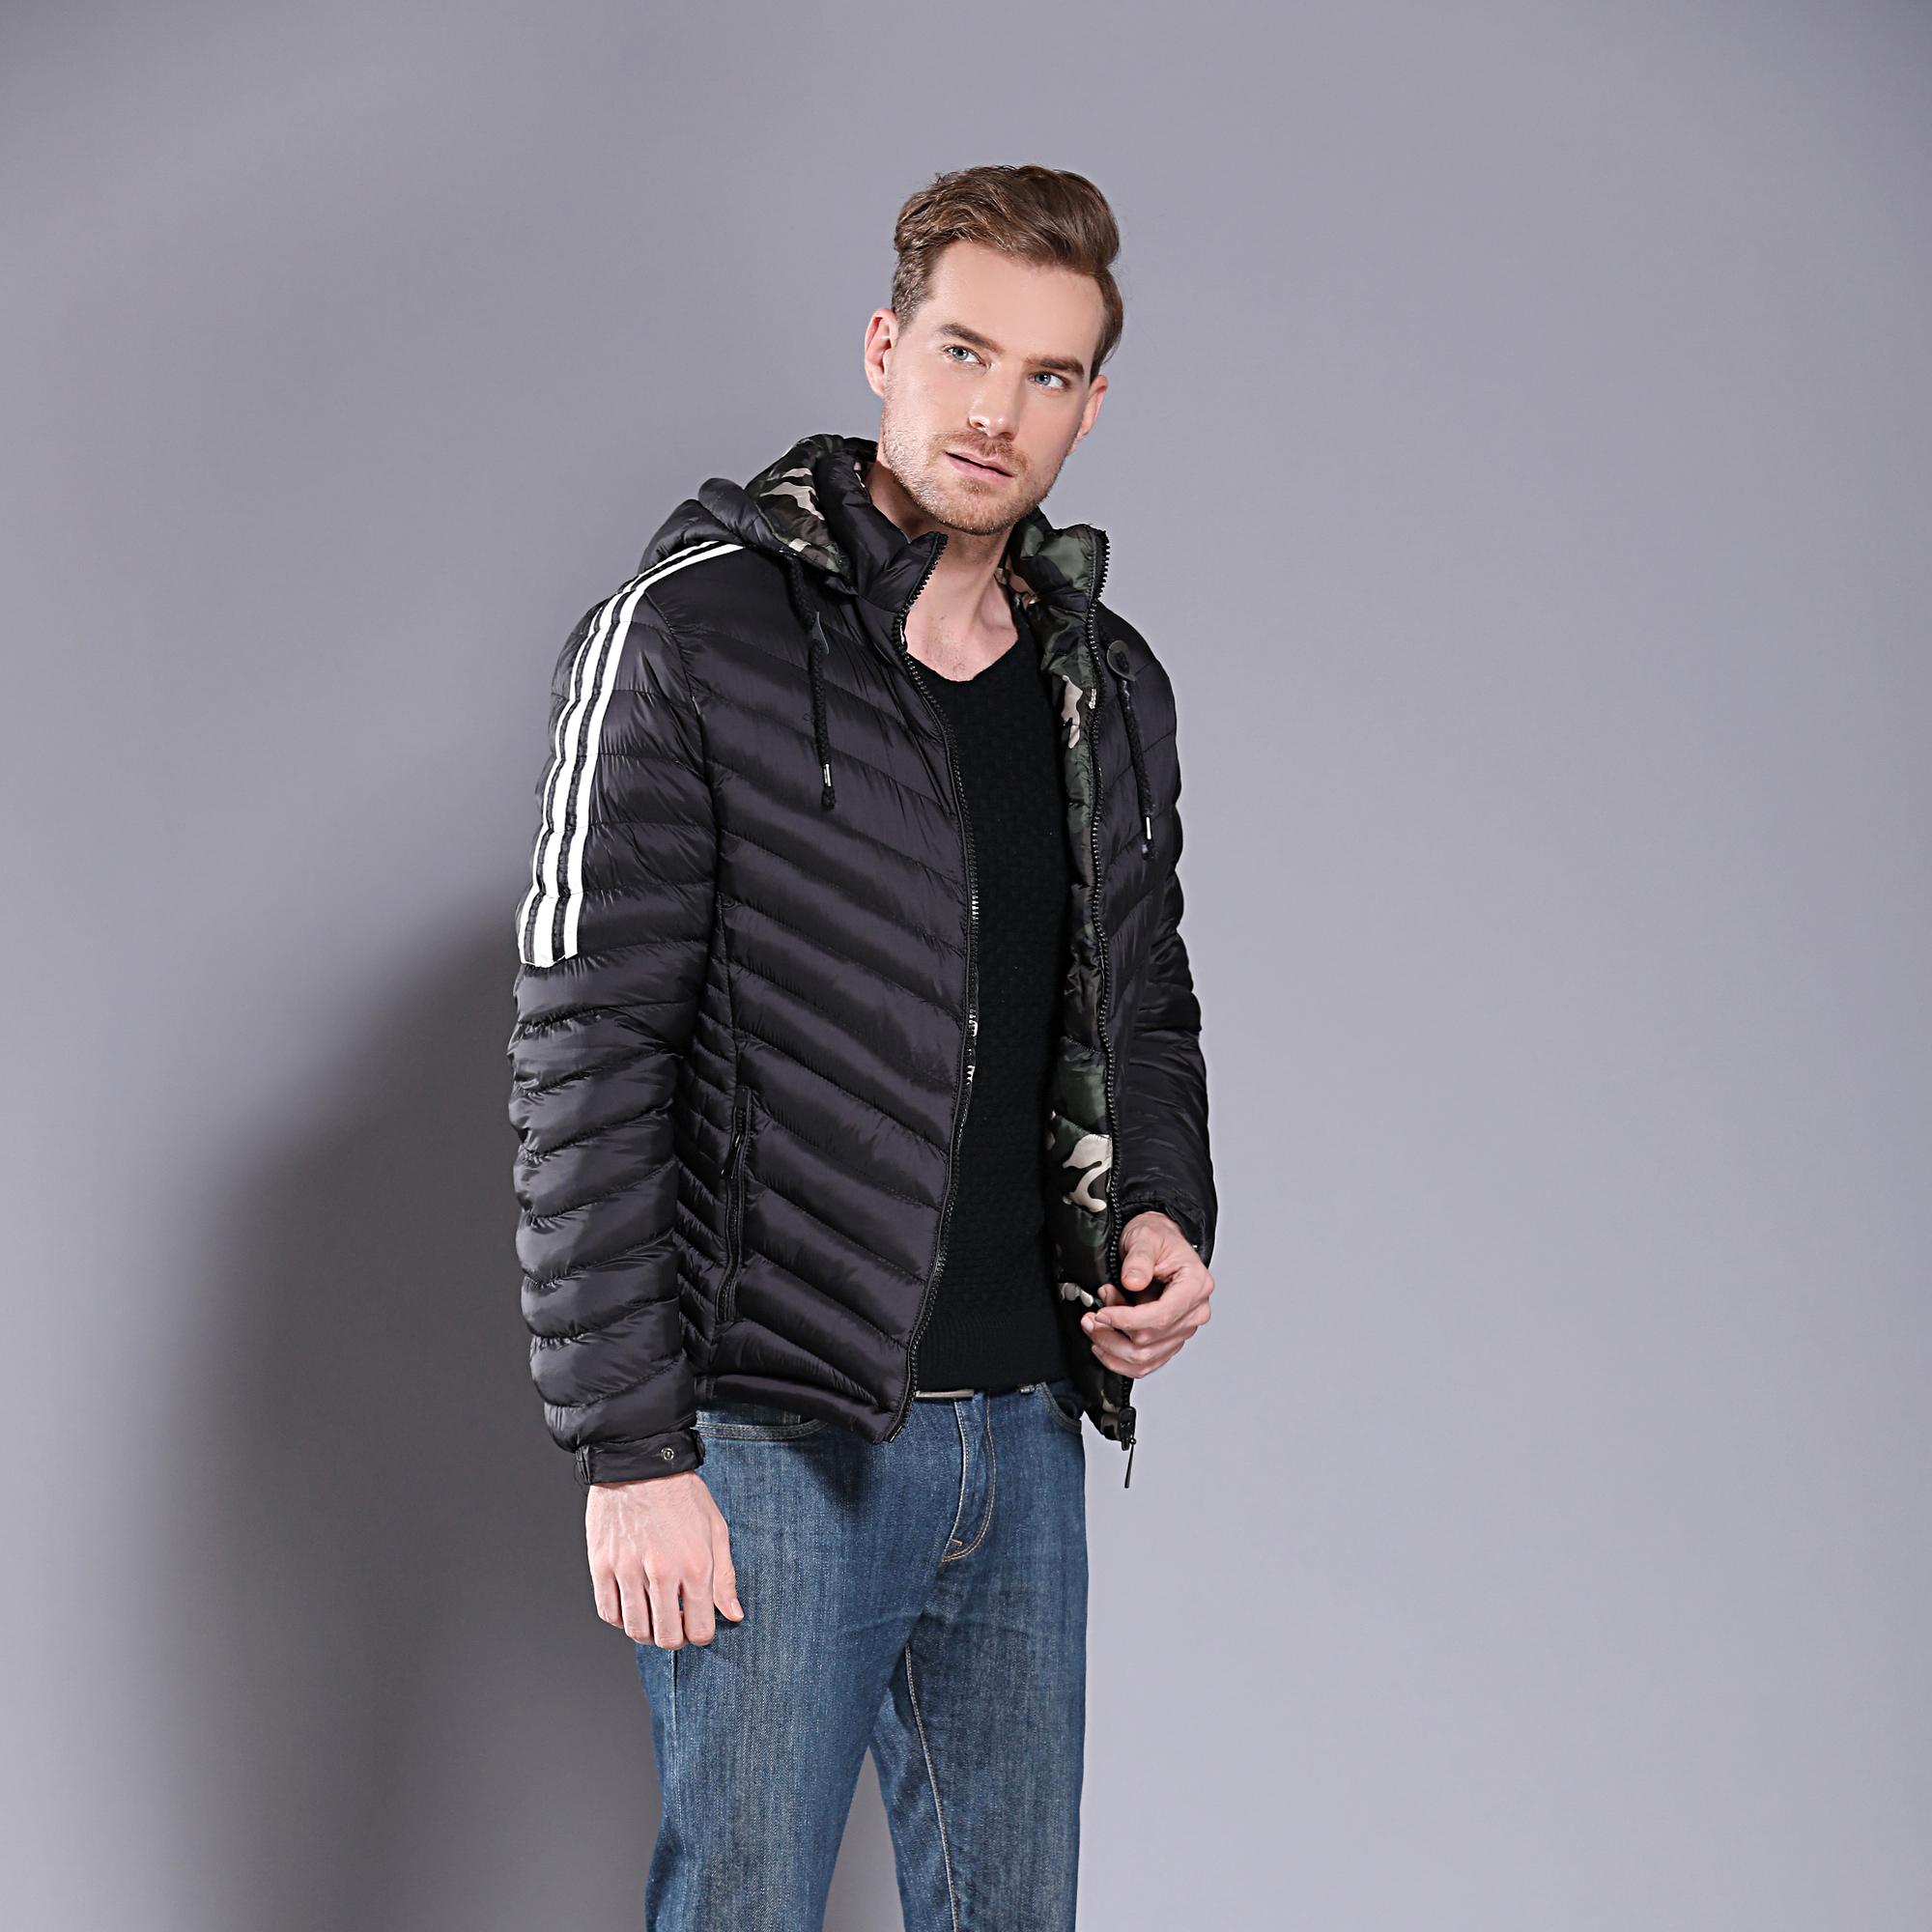 dce1c39b763 Encuentre el mejor fabricante de casacas de pluma y casacas de pluma para  el mercado de hablantes de spanish en alibaba.com